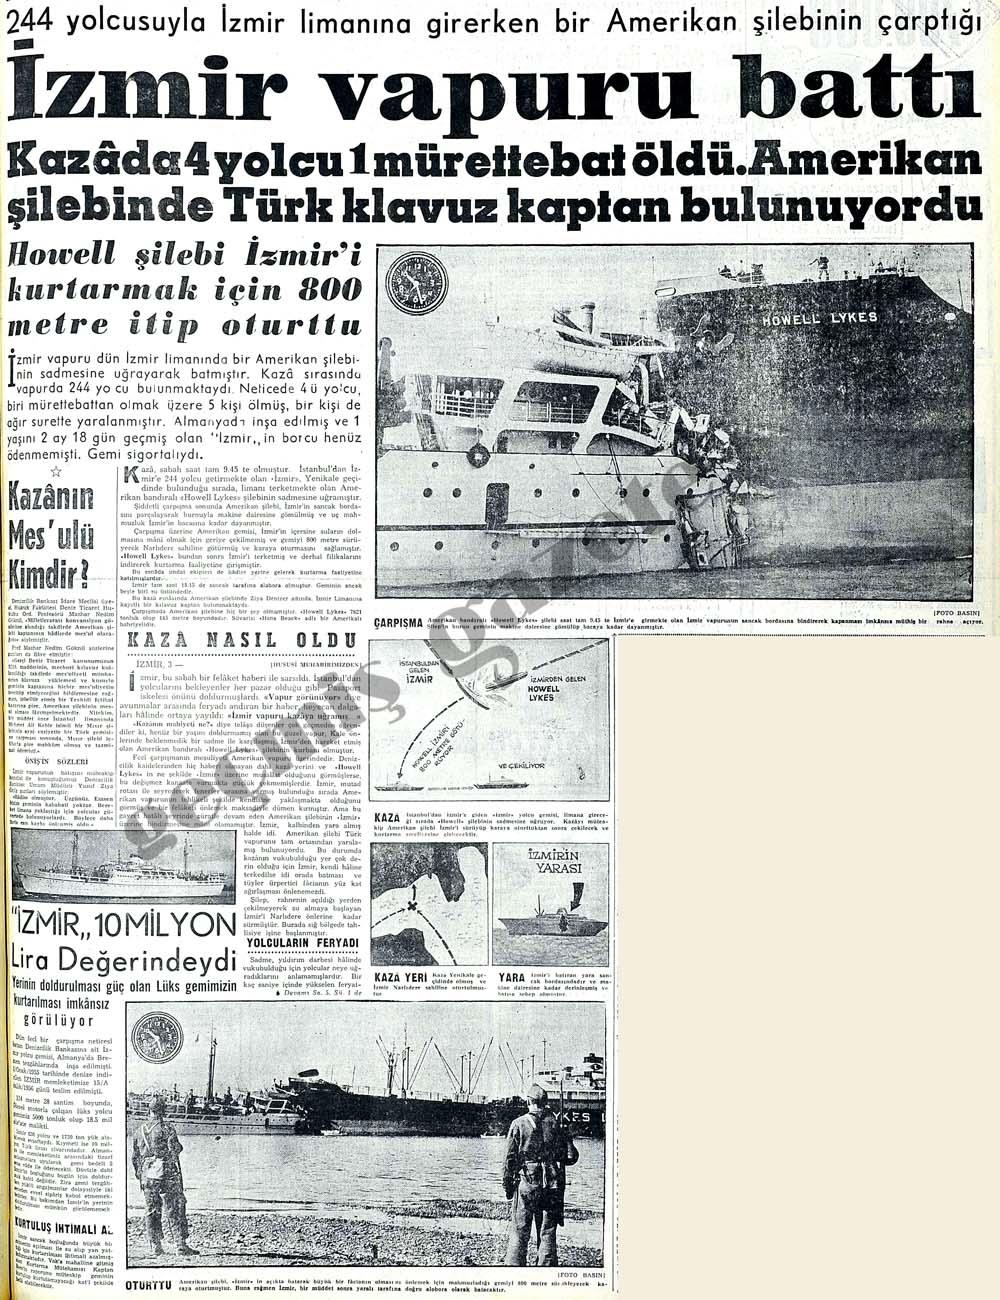 Bir Amerikan şilebinin çarptığı İzmir vapuru battı